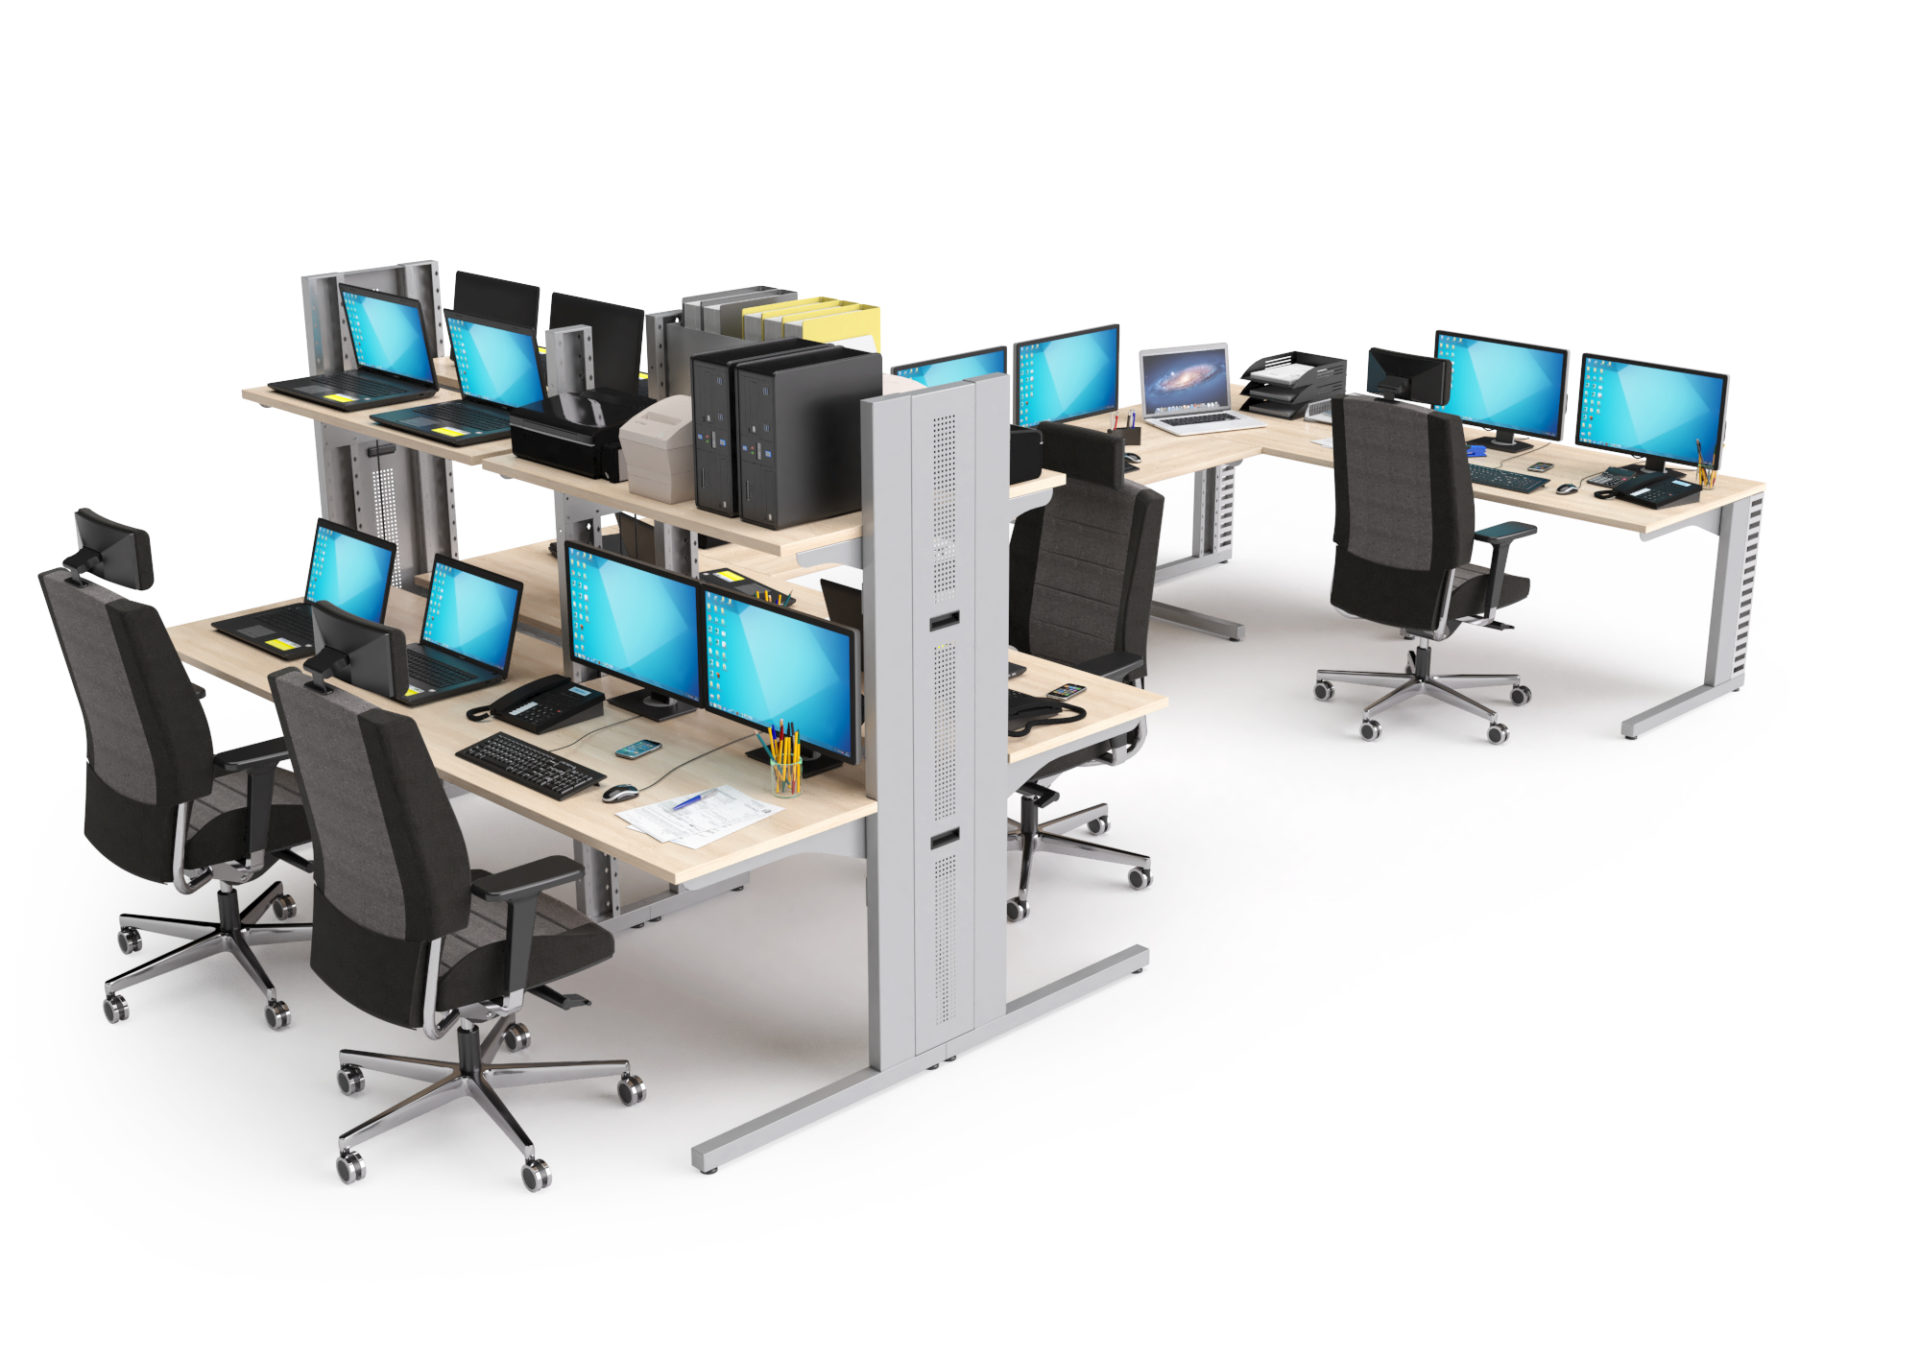 Stations LAN implantées en bench avec postes de travail